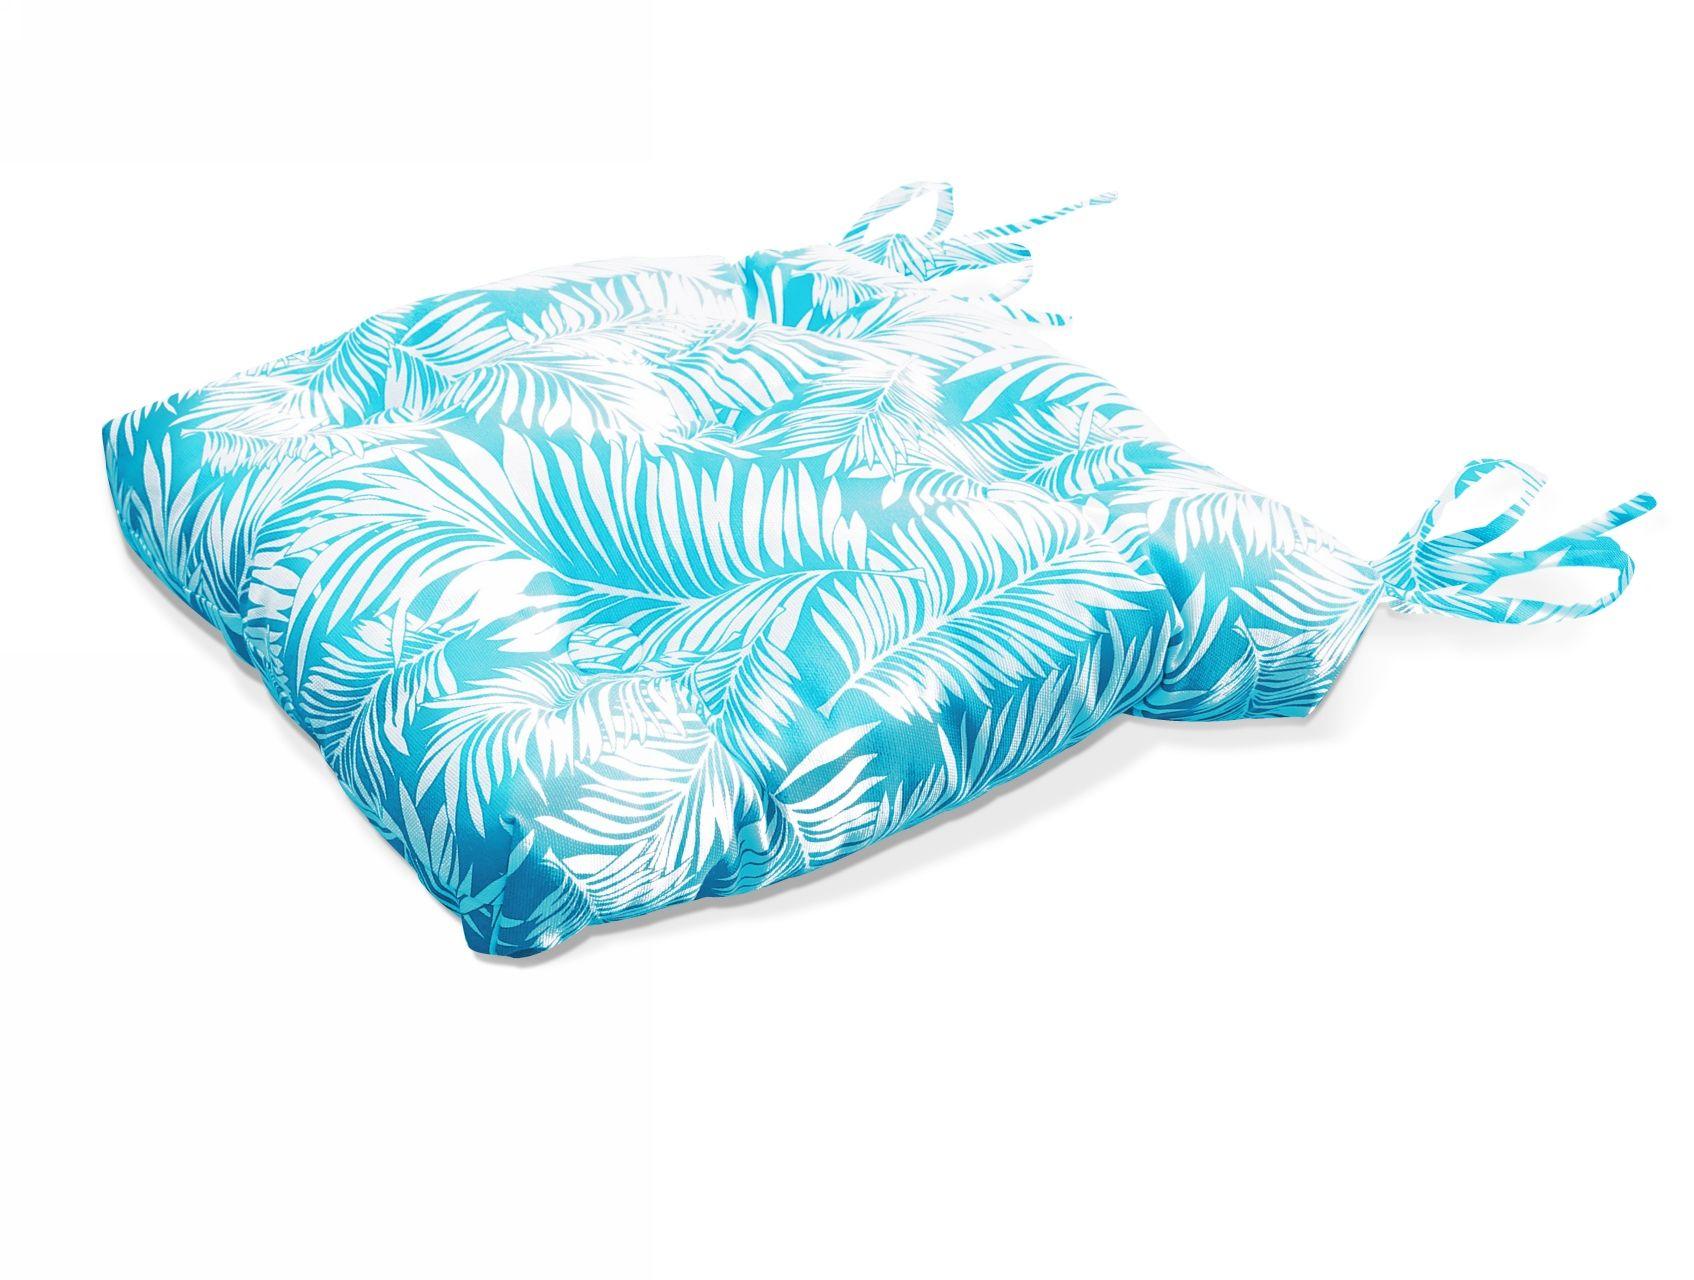 Подушки на стул Kauffort Подушка на стул Palma Цвет: Небесно-Голубой (40х40) подушка на стул адмирал цвет голубой синий 40 х 40 см